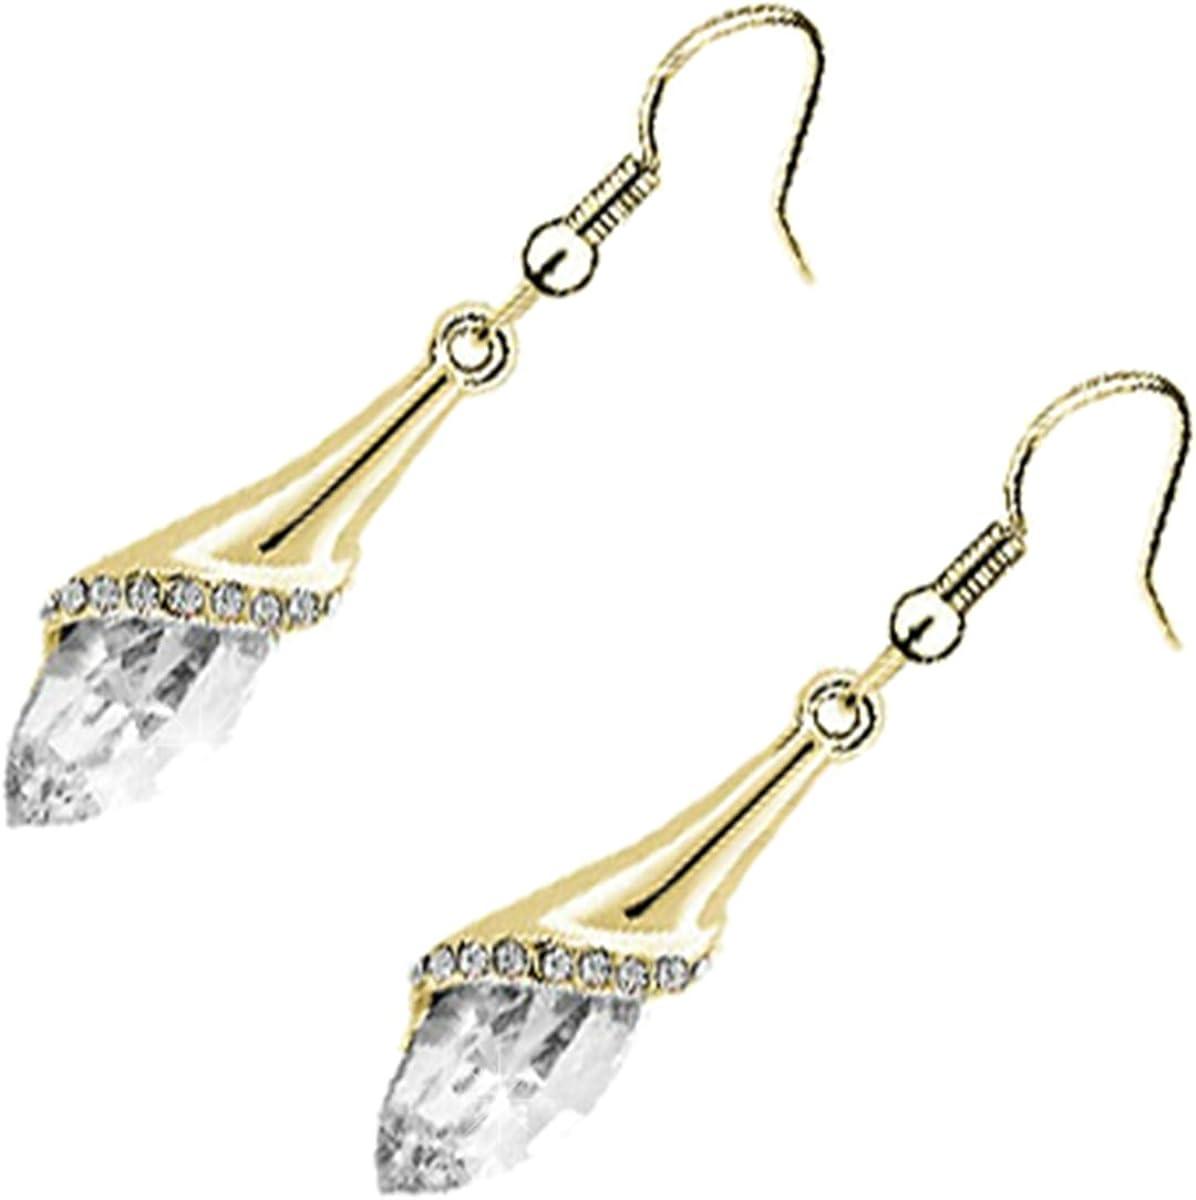 GWG Jewellery Pendientes Mujer Regalo Pendientes, Chapados en Oro 18K Cristal Central Ovalado de Colores Varios Semi Cubierto con Hoja Floral Decorada con Piedras Blancas para Mujeres